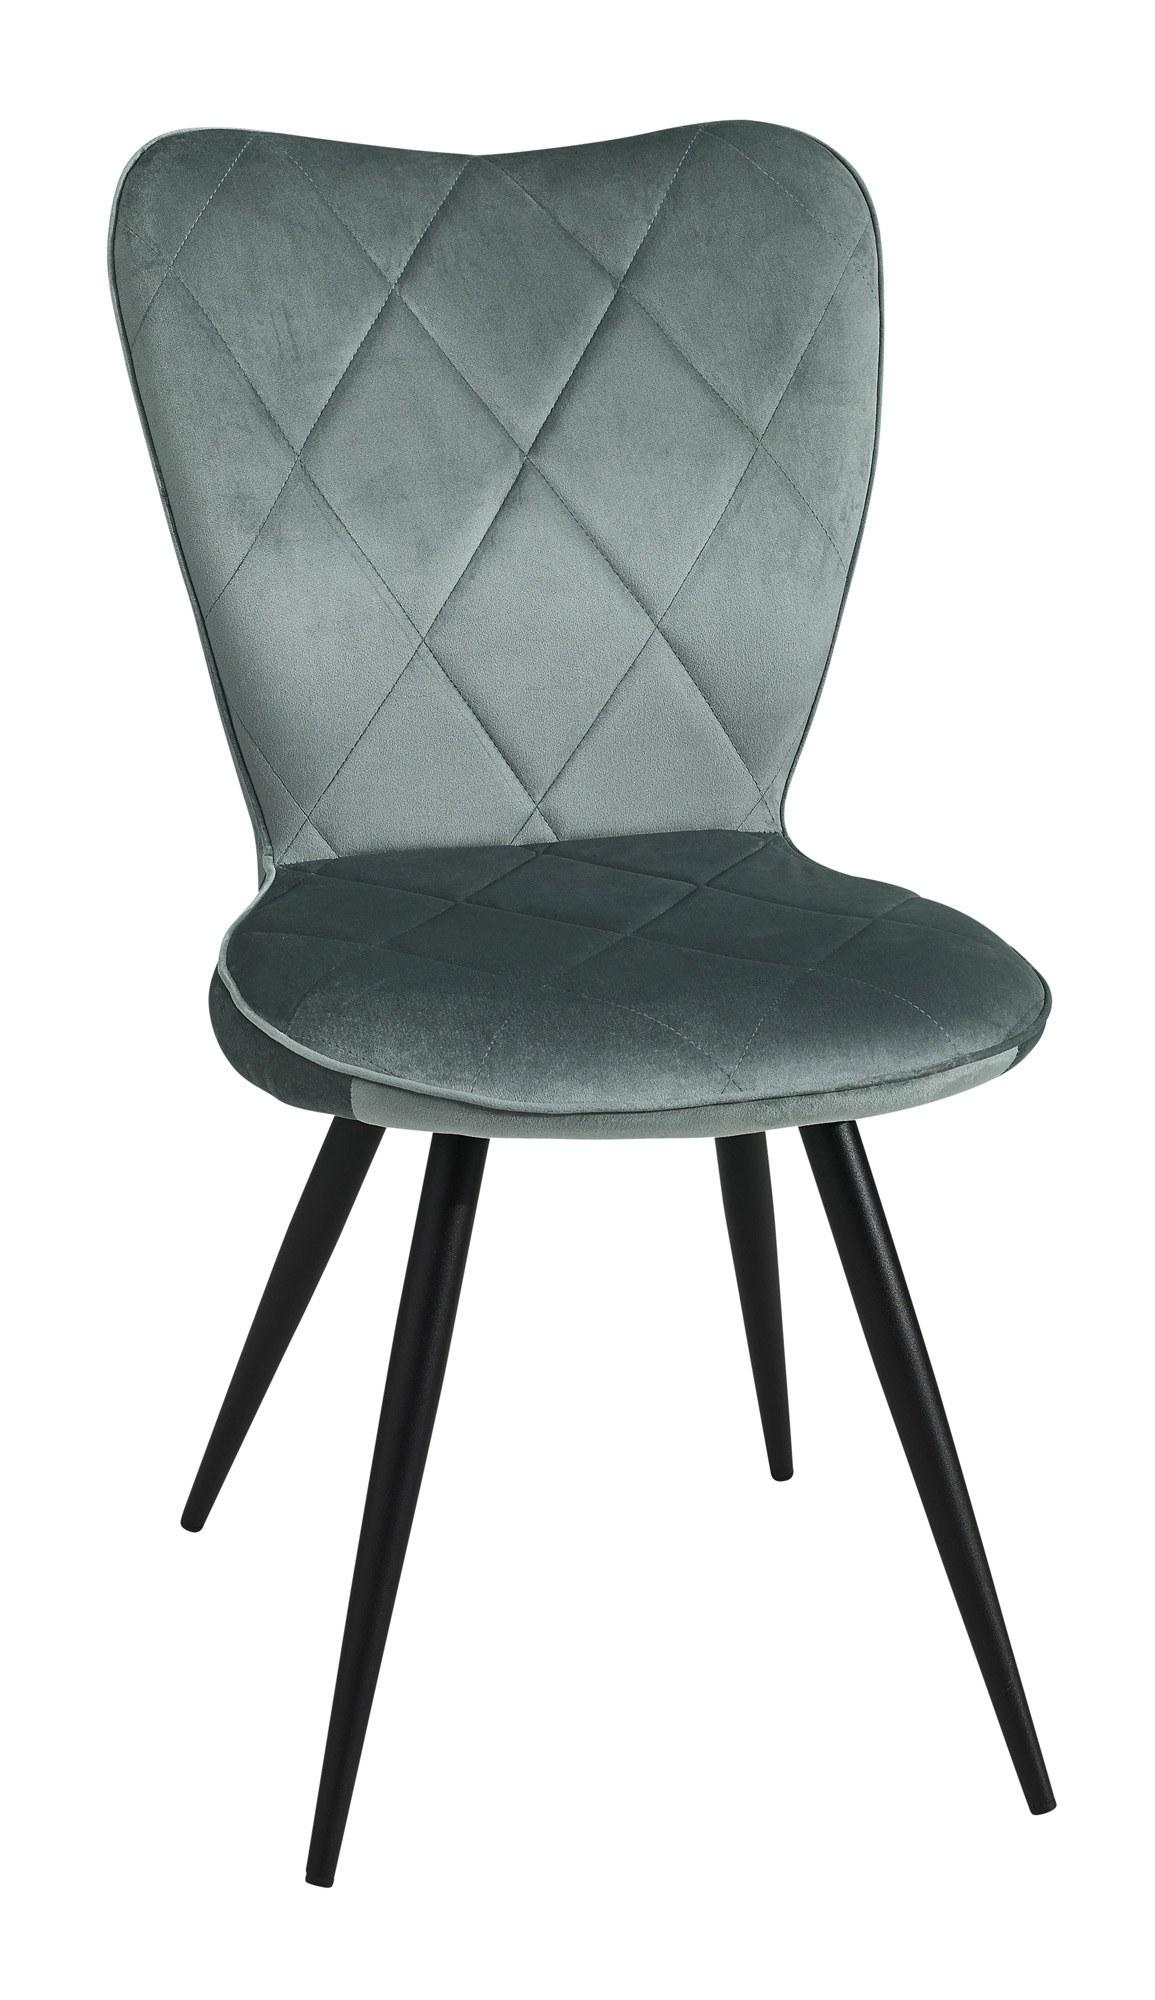 chaise velour pied métal séraphine